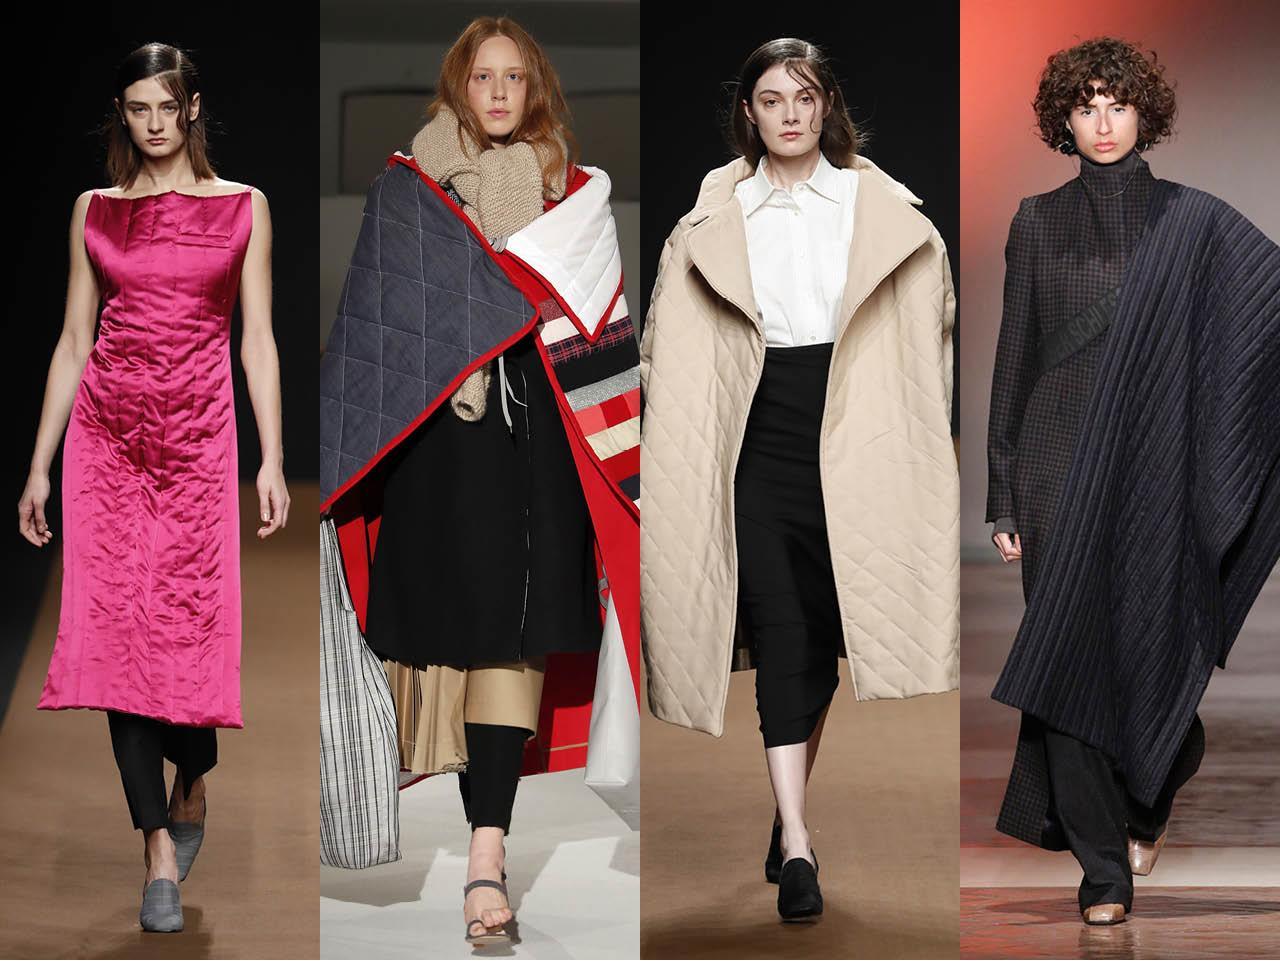 Tendencias De Moda Otono Invierno 2019 2020 Lo Que Se Va A Llevar